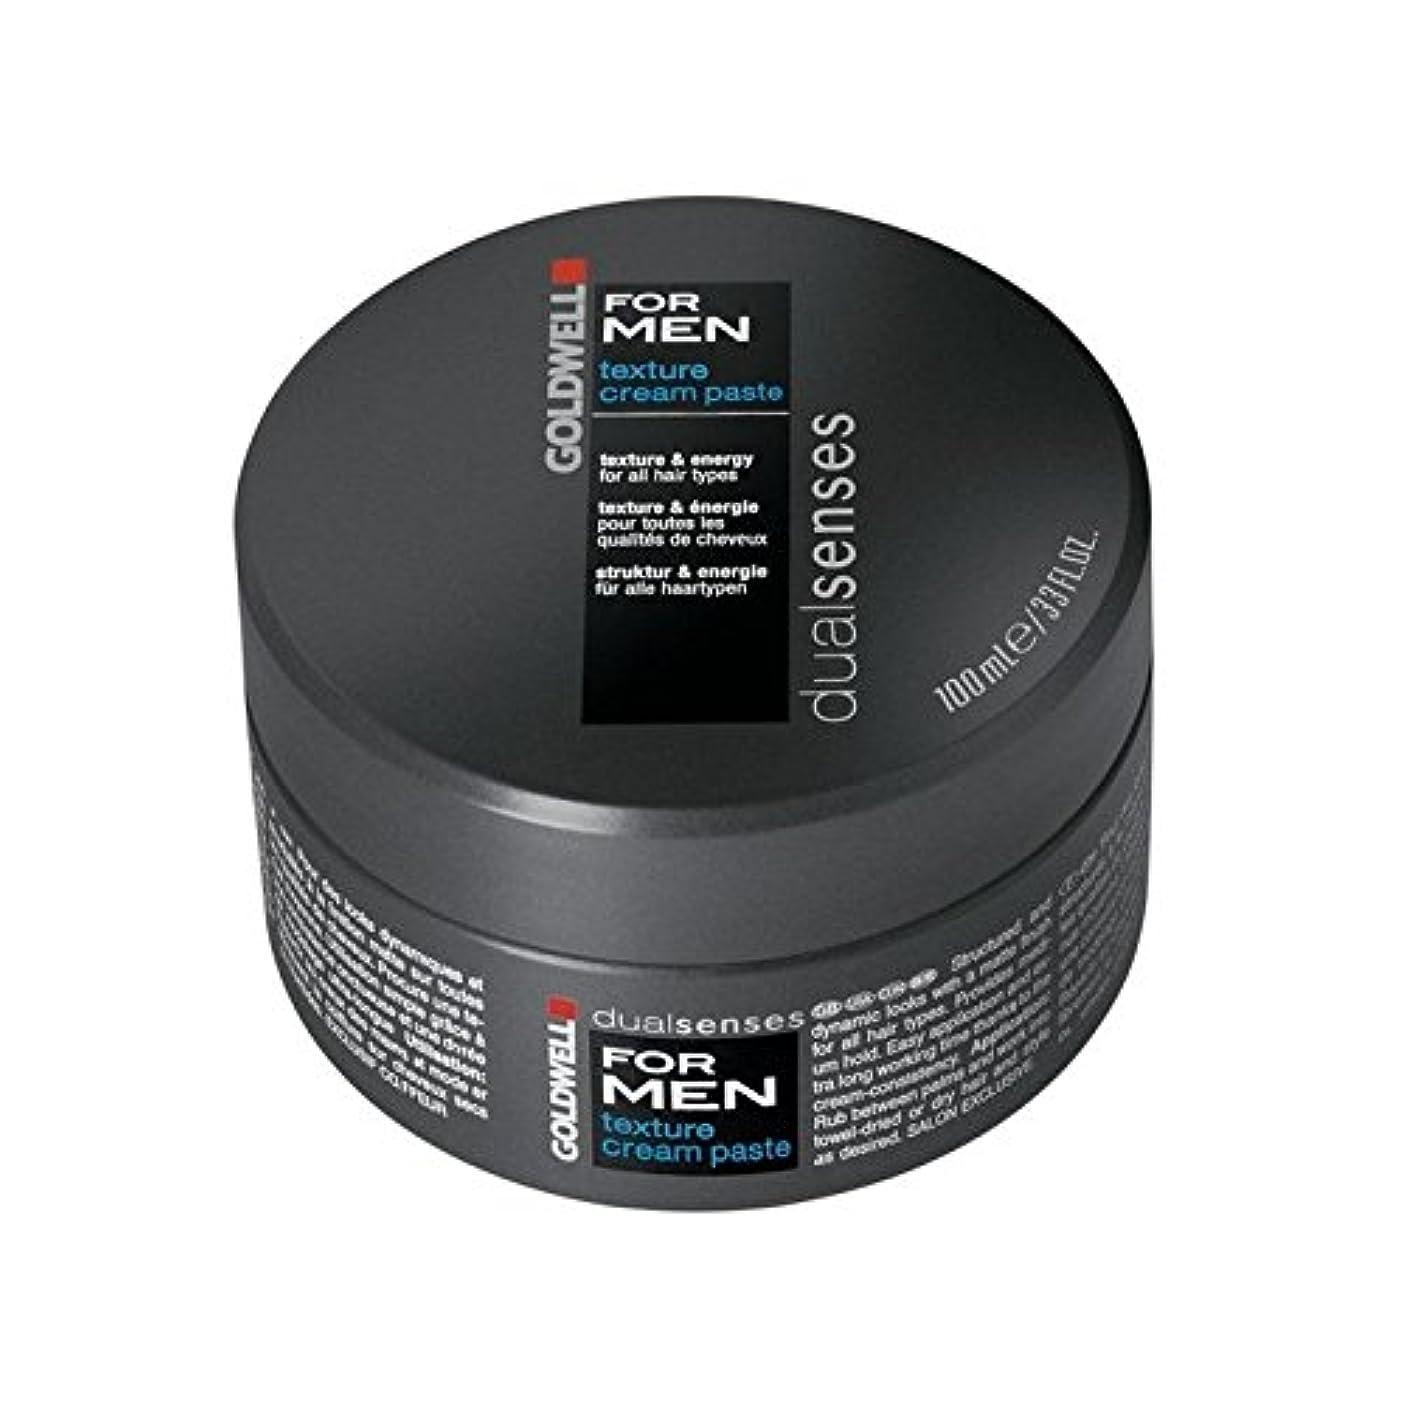 説教するパーティーウルル男性のテクスチャーのクリームペースト(100ミリリットル)のためのの x2 - Goldwell Dualsenses For Men Texture Cream Paste (100ml) (Pack of 2) [並行輸入品]